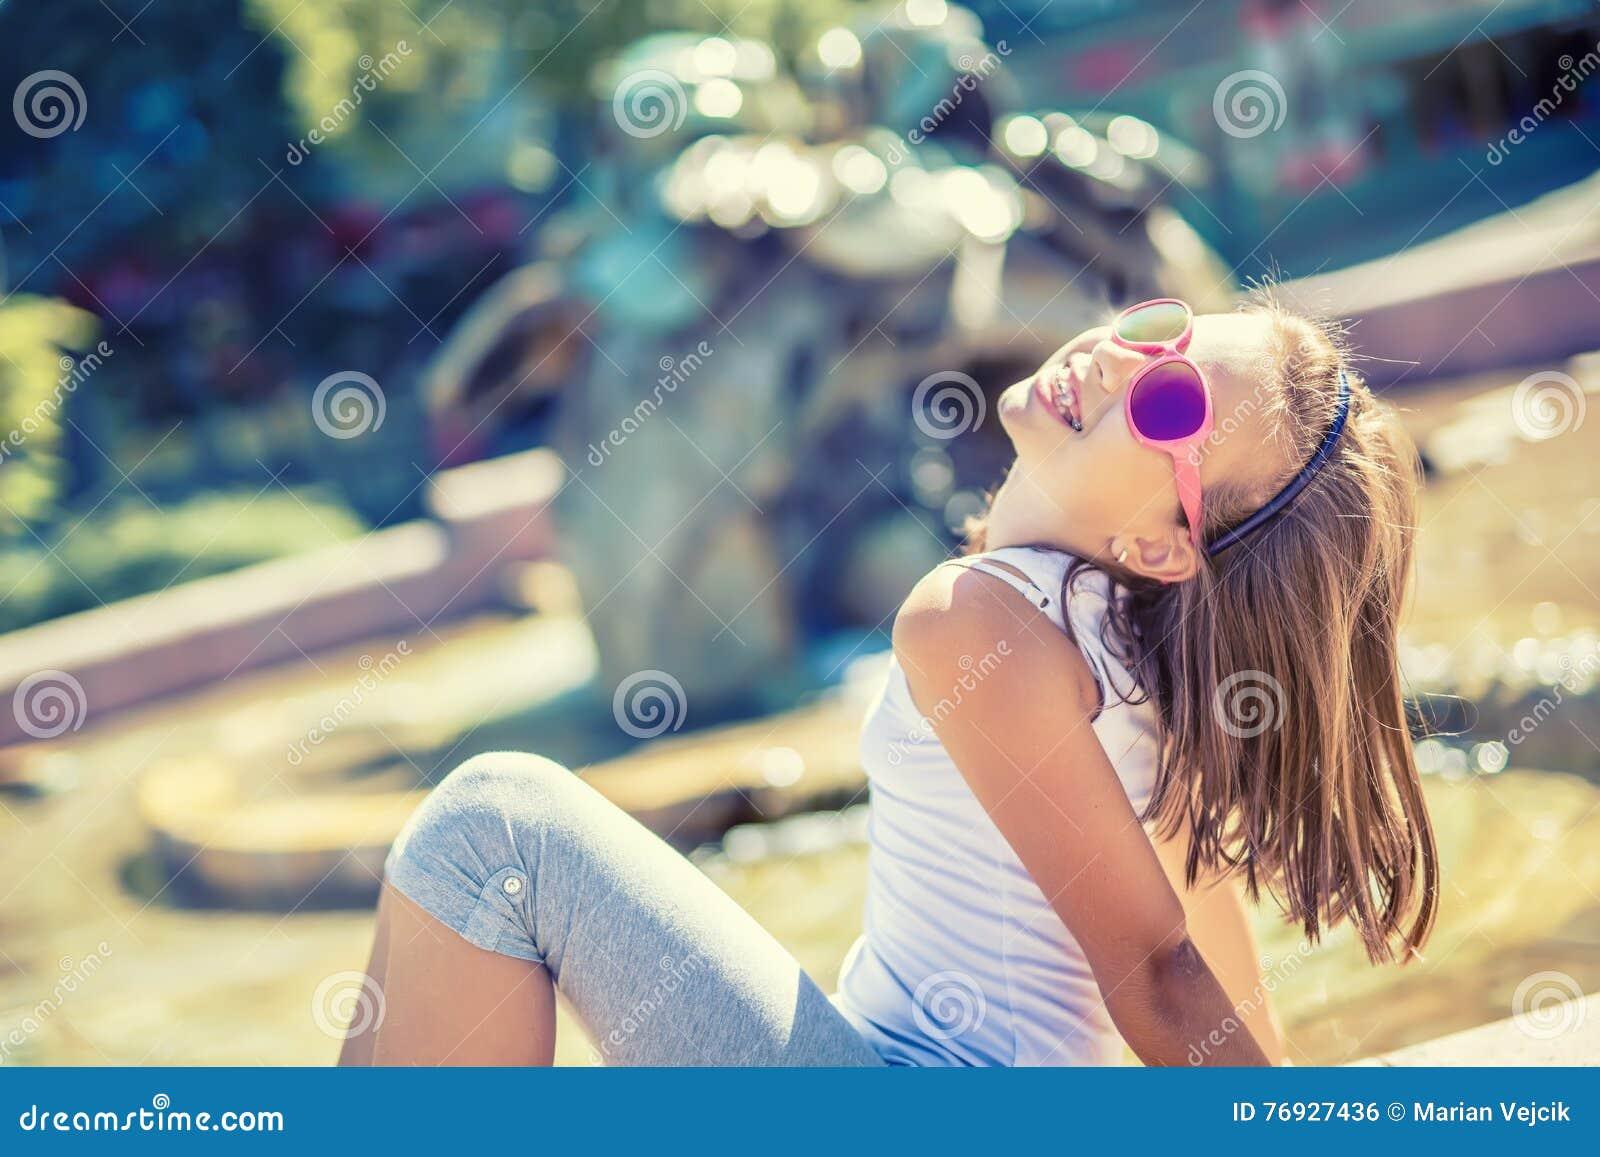 νέοι γυμνή έφηβος εικόνες λεσβιακό σεξ με το πουλί